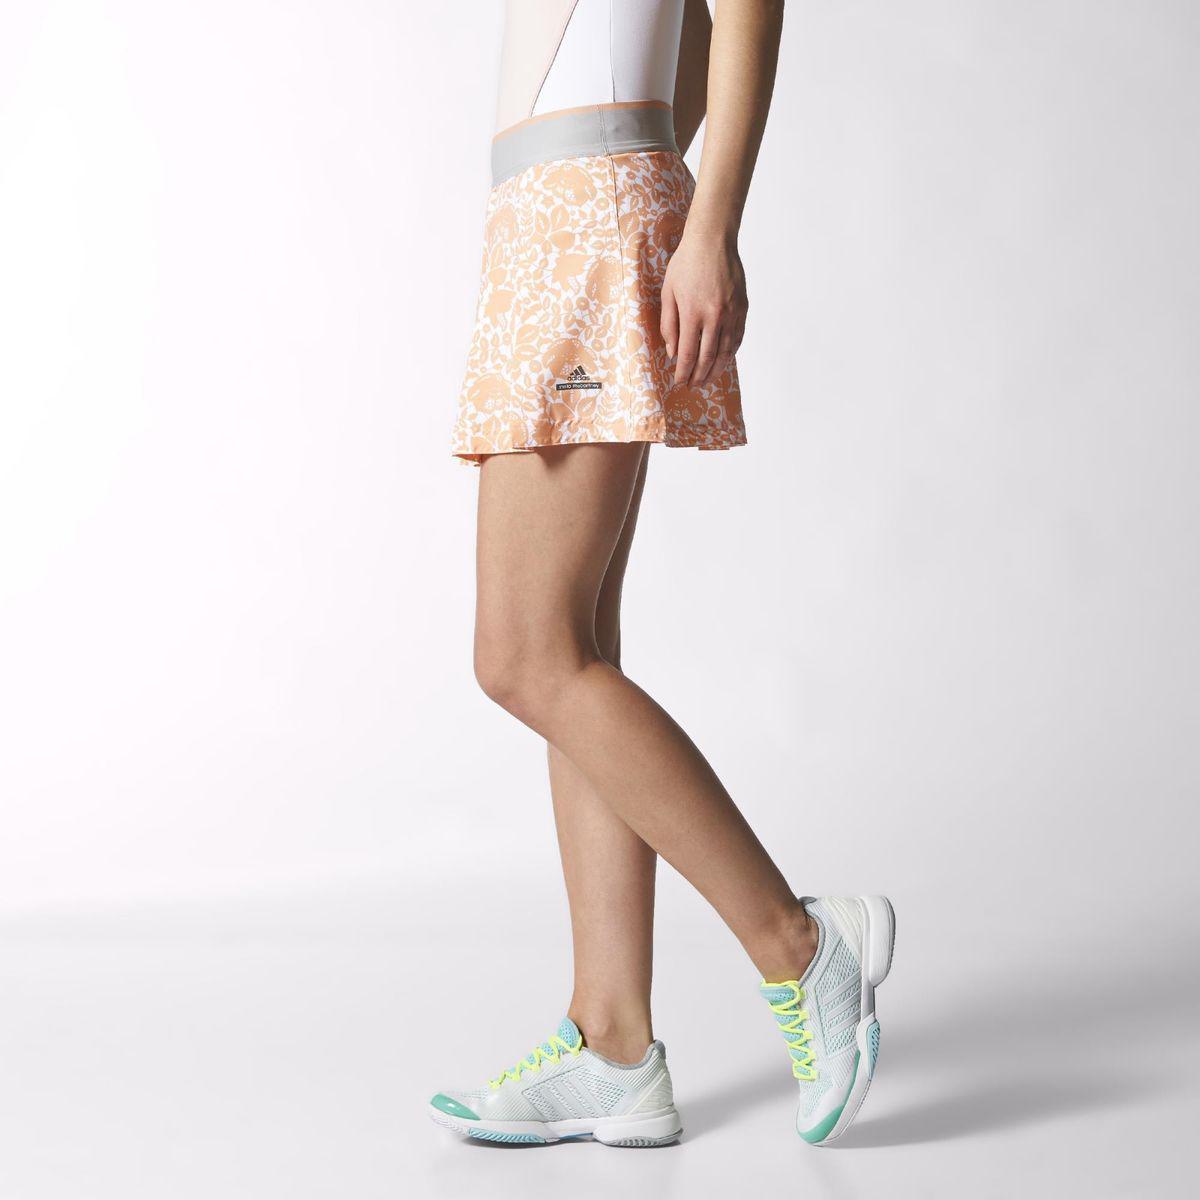 Stella Mccartney Falda Barricada Adidas bTBNU0c